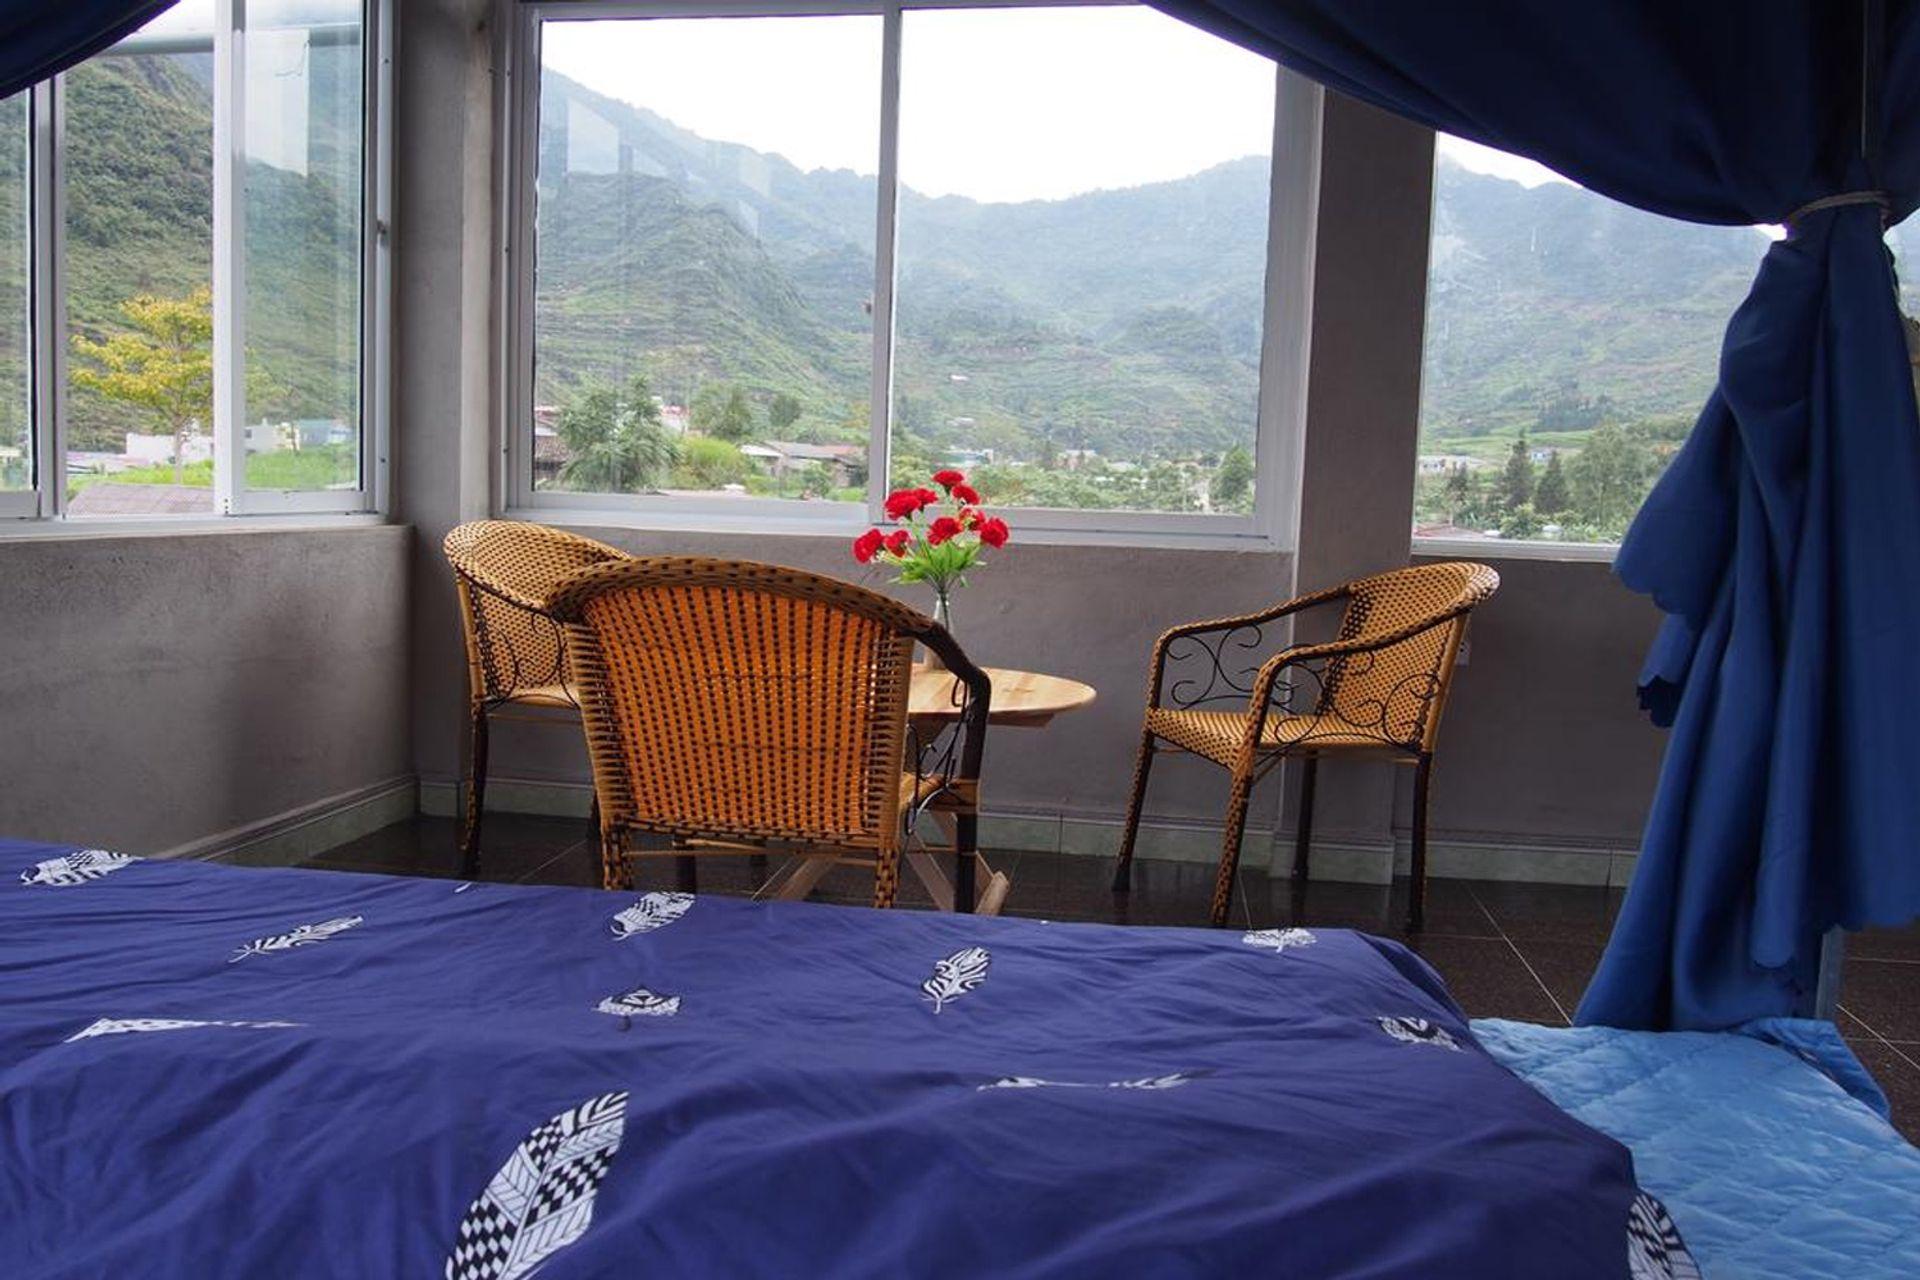 View từ phòng ngủ Little's Yen Homestay